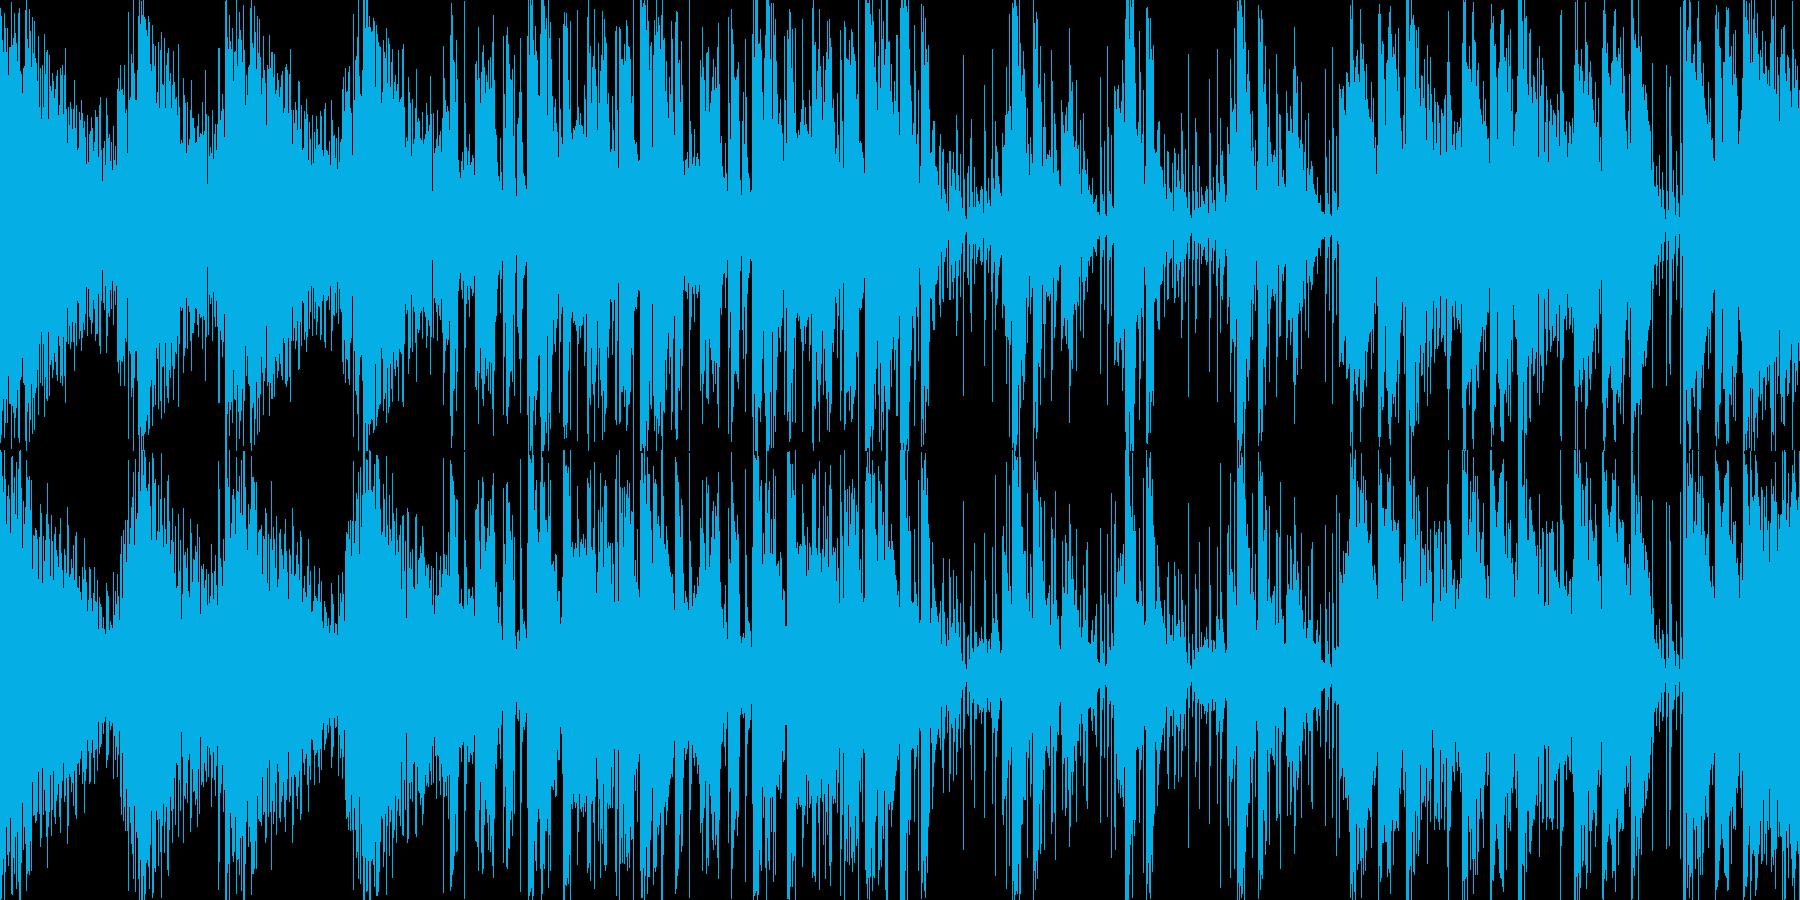 敵基地などのBGMに適した緊迫したBGMの再生済みの波形